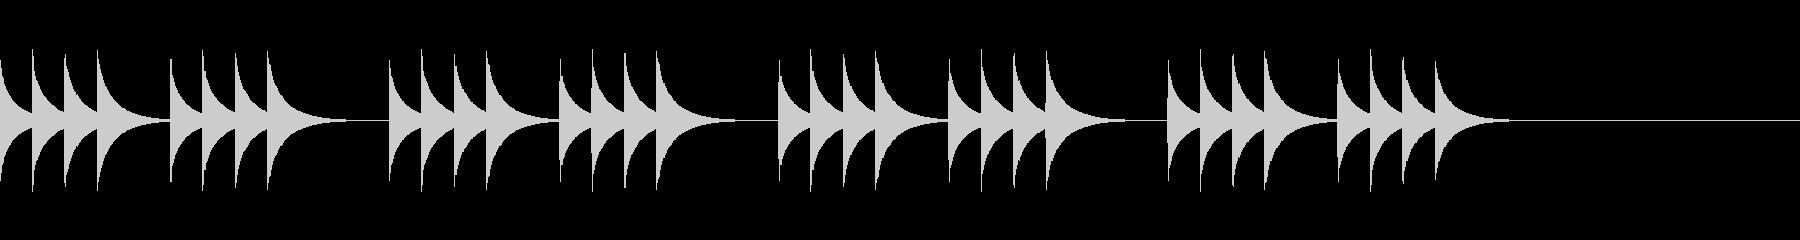 柔らかいコール音03の未再生の波形